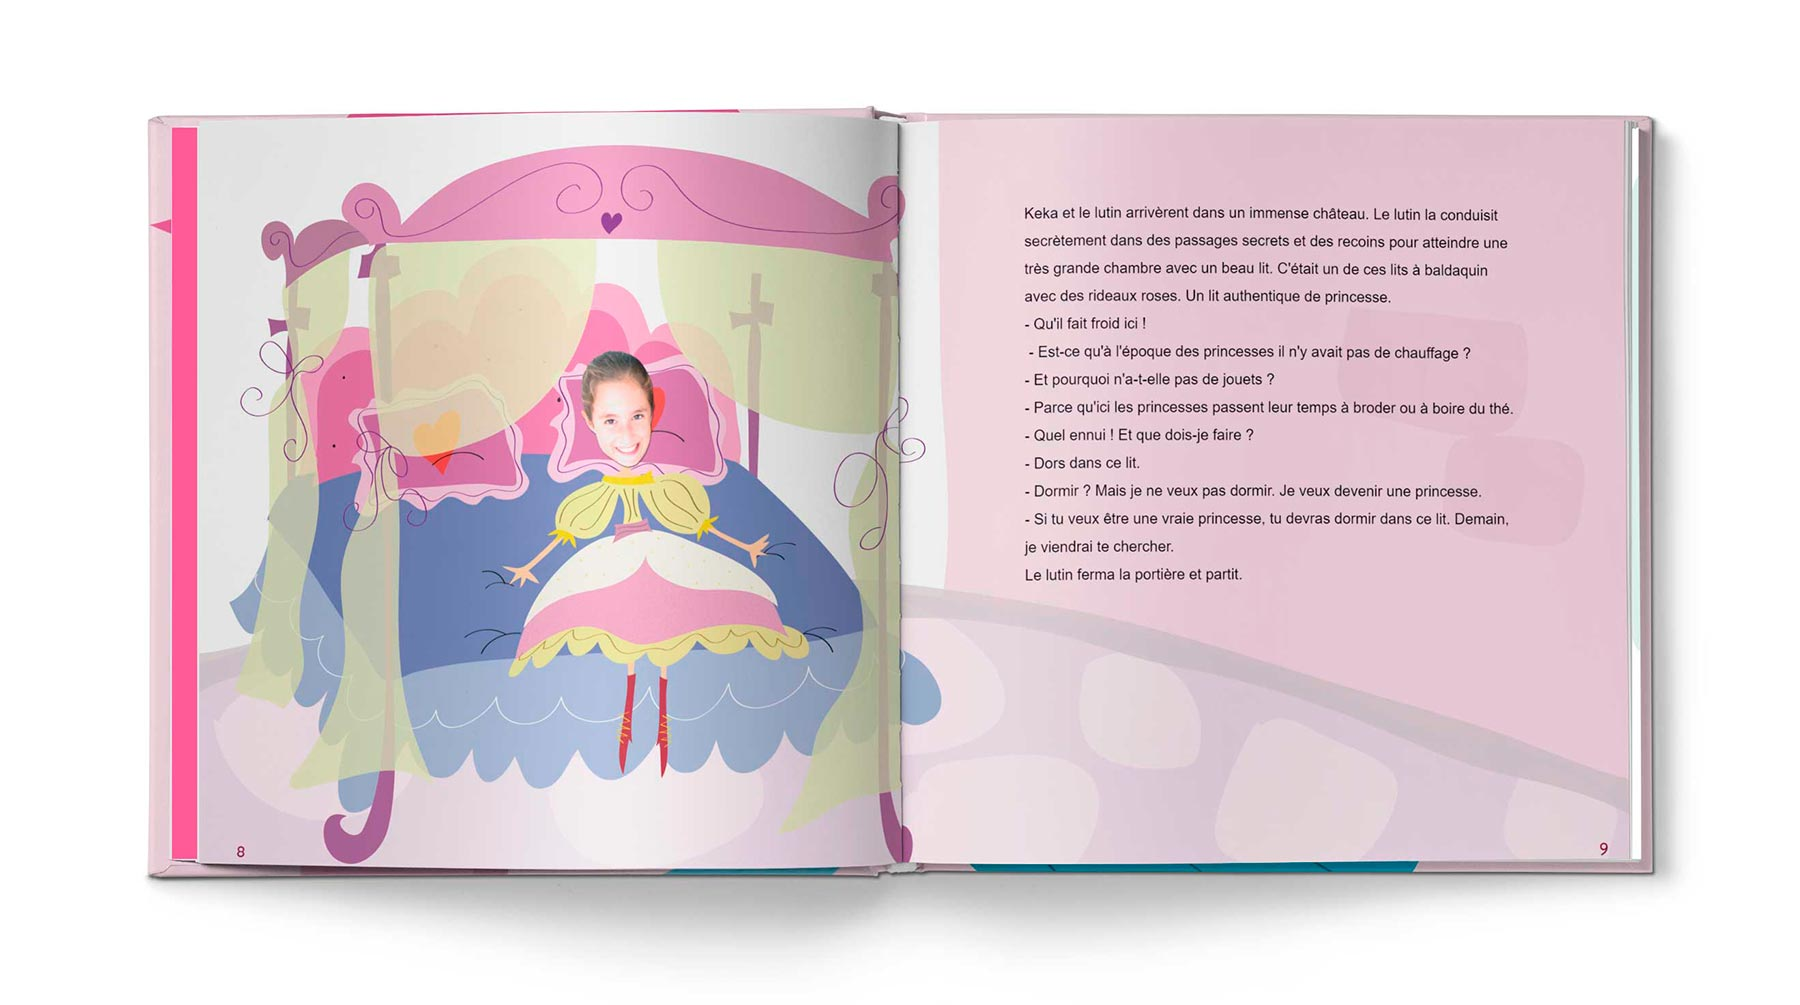 Histoire La princesse et le pansement - Image 4